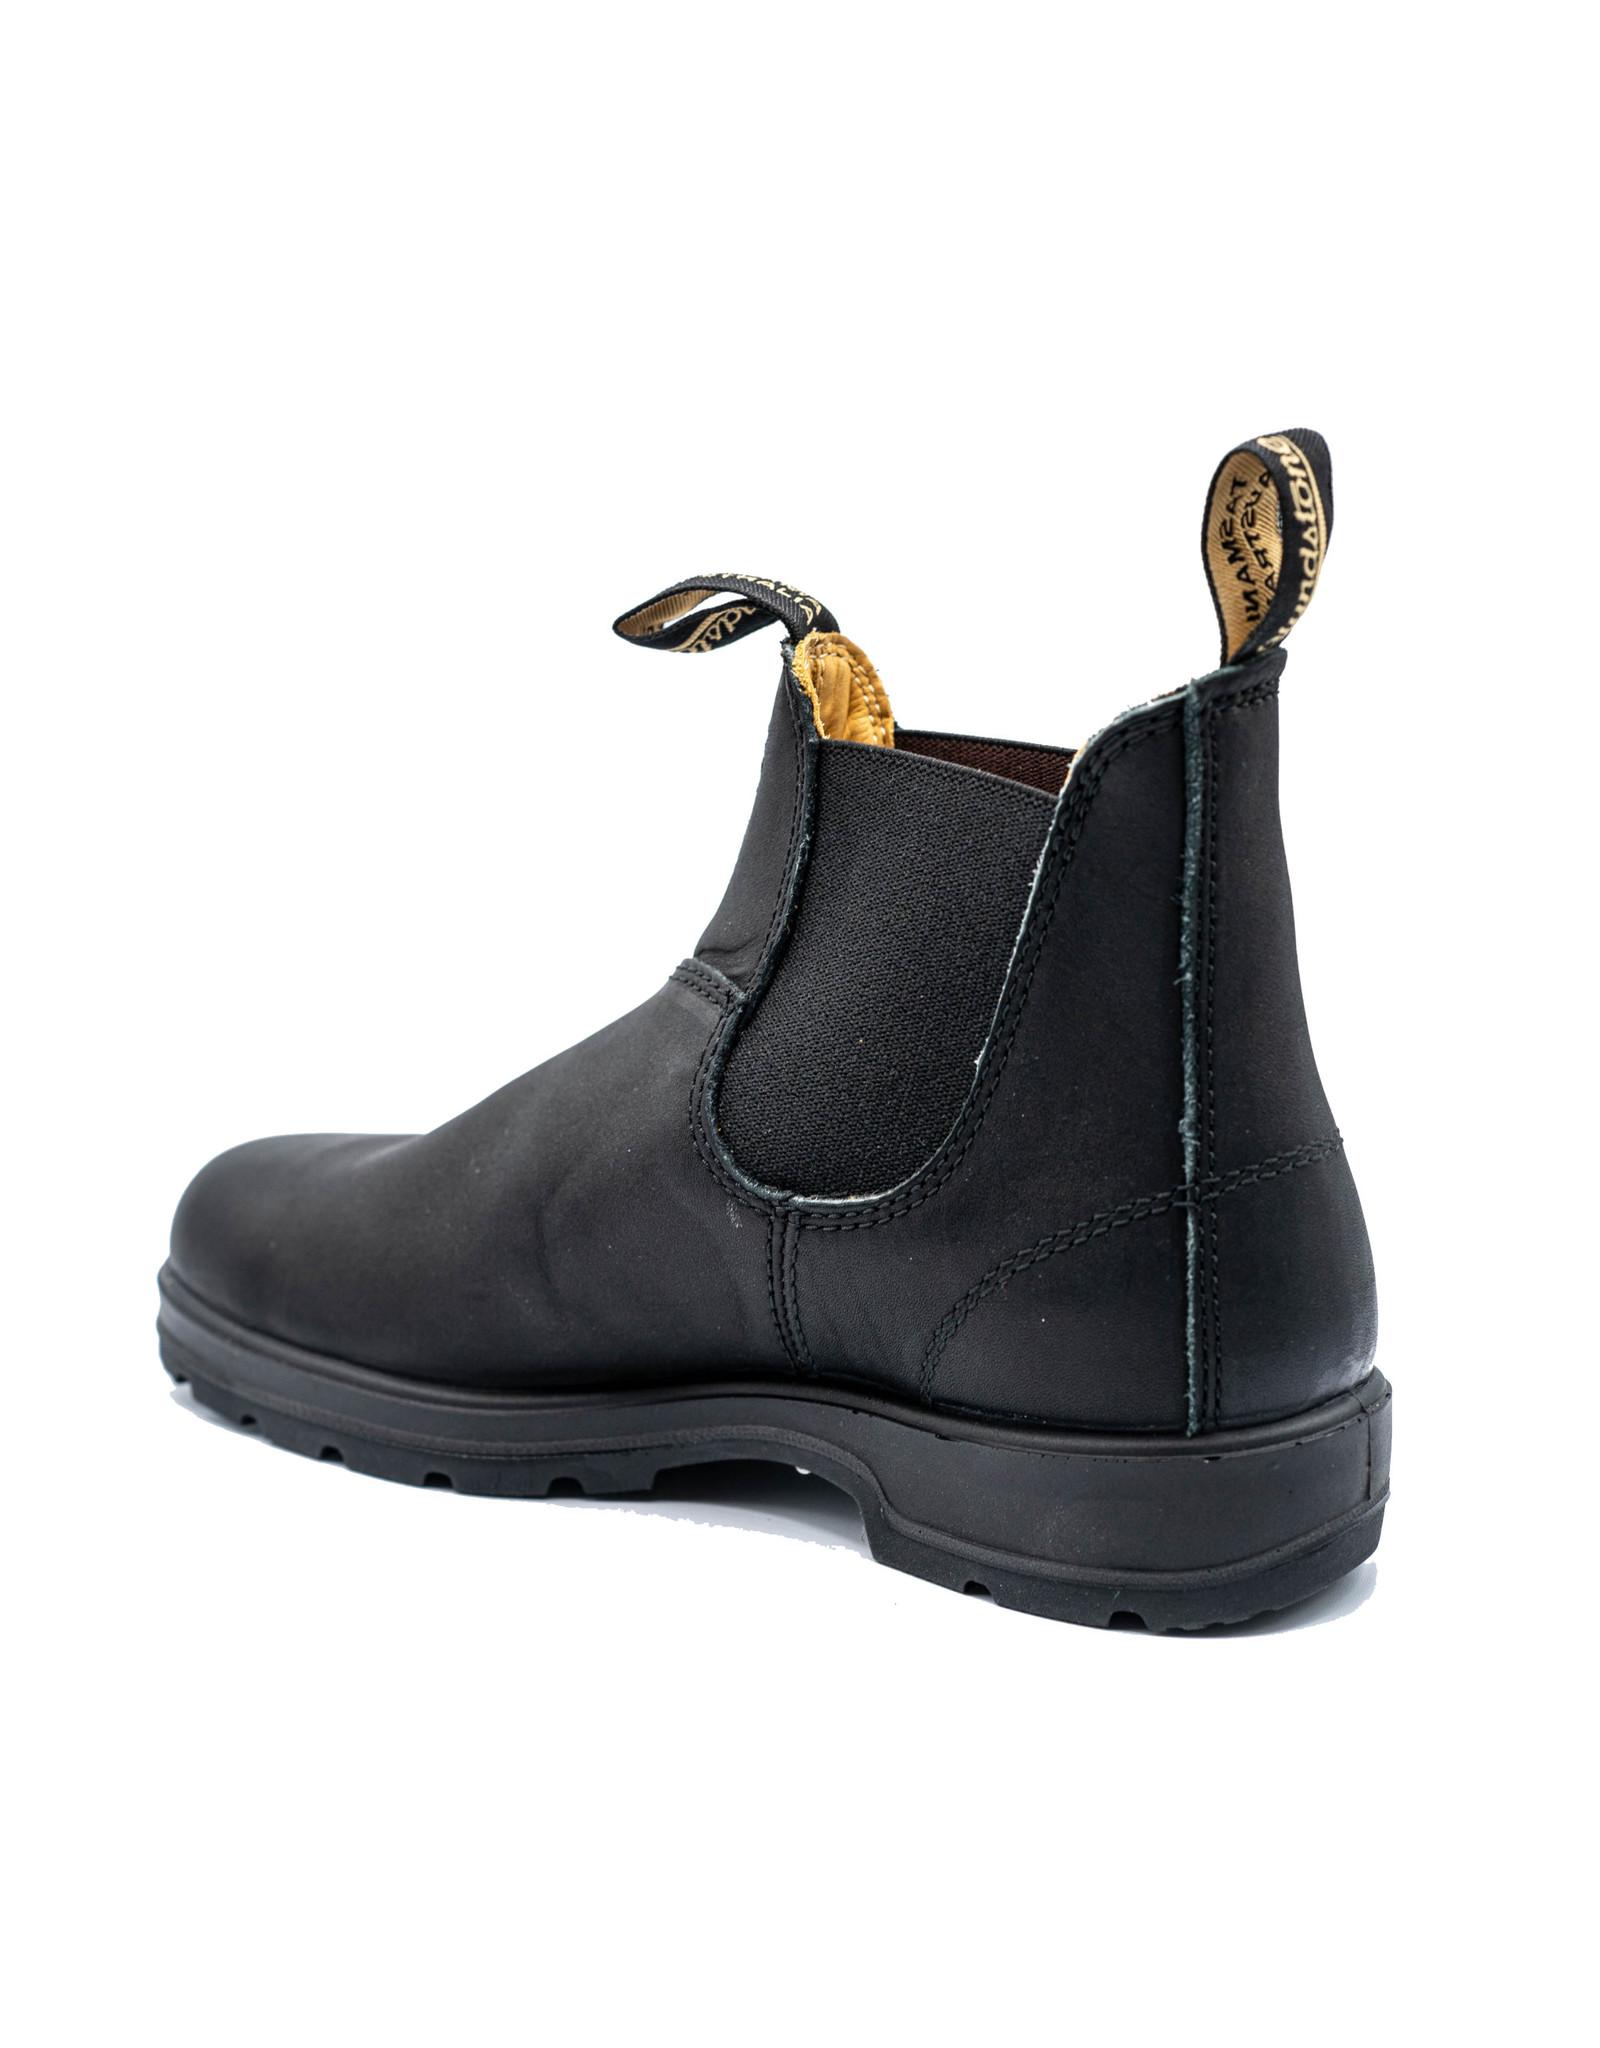 BLUNDSTONE 558 - Classique doublée de cuir en Noir